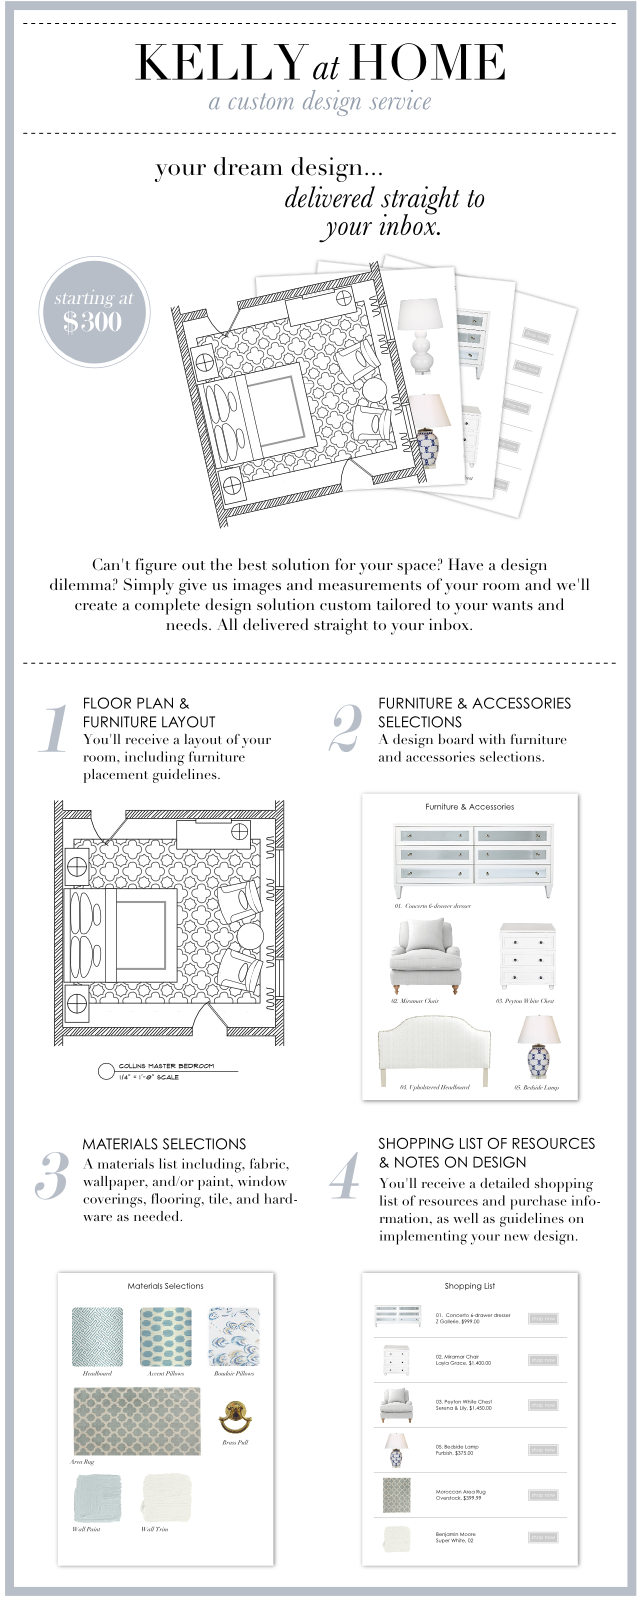 Online interior design tool design interior design - Online interior design tool ...